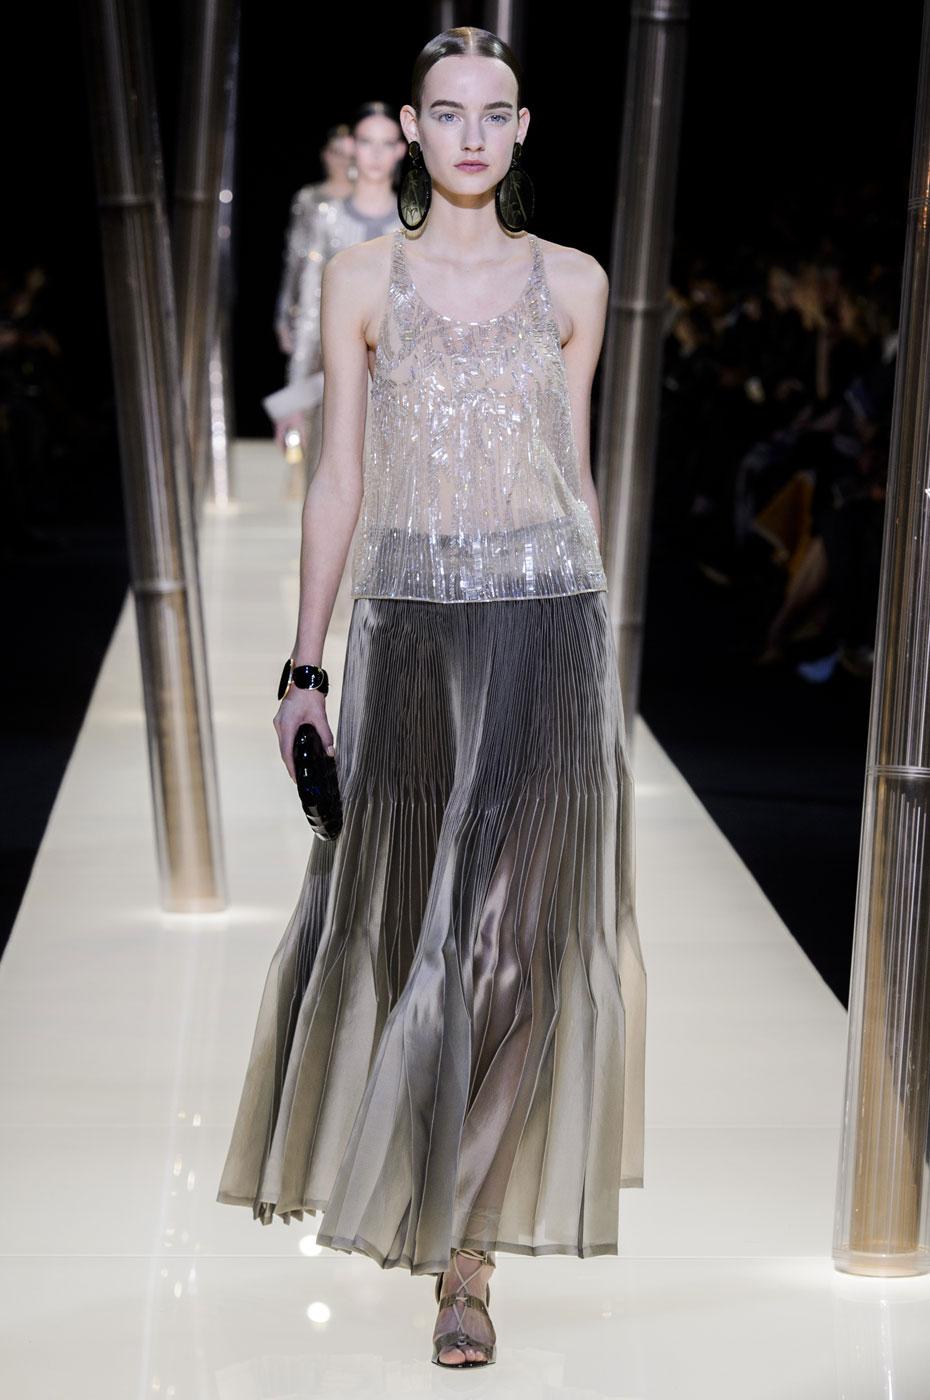 Giorgio-armani-Prive-fashion-runway-show-haute-couture-paris-spring-2015-the-impression-059